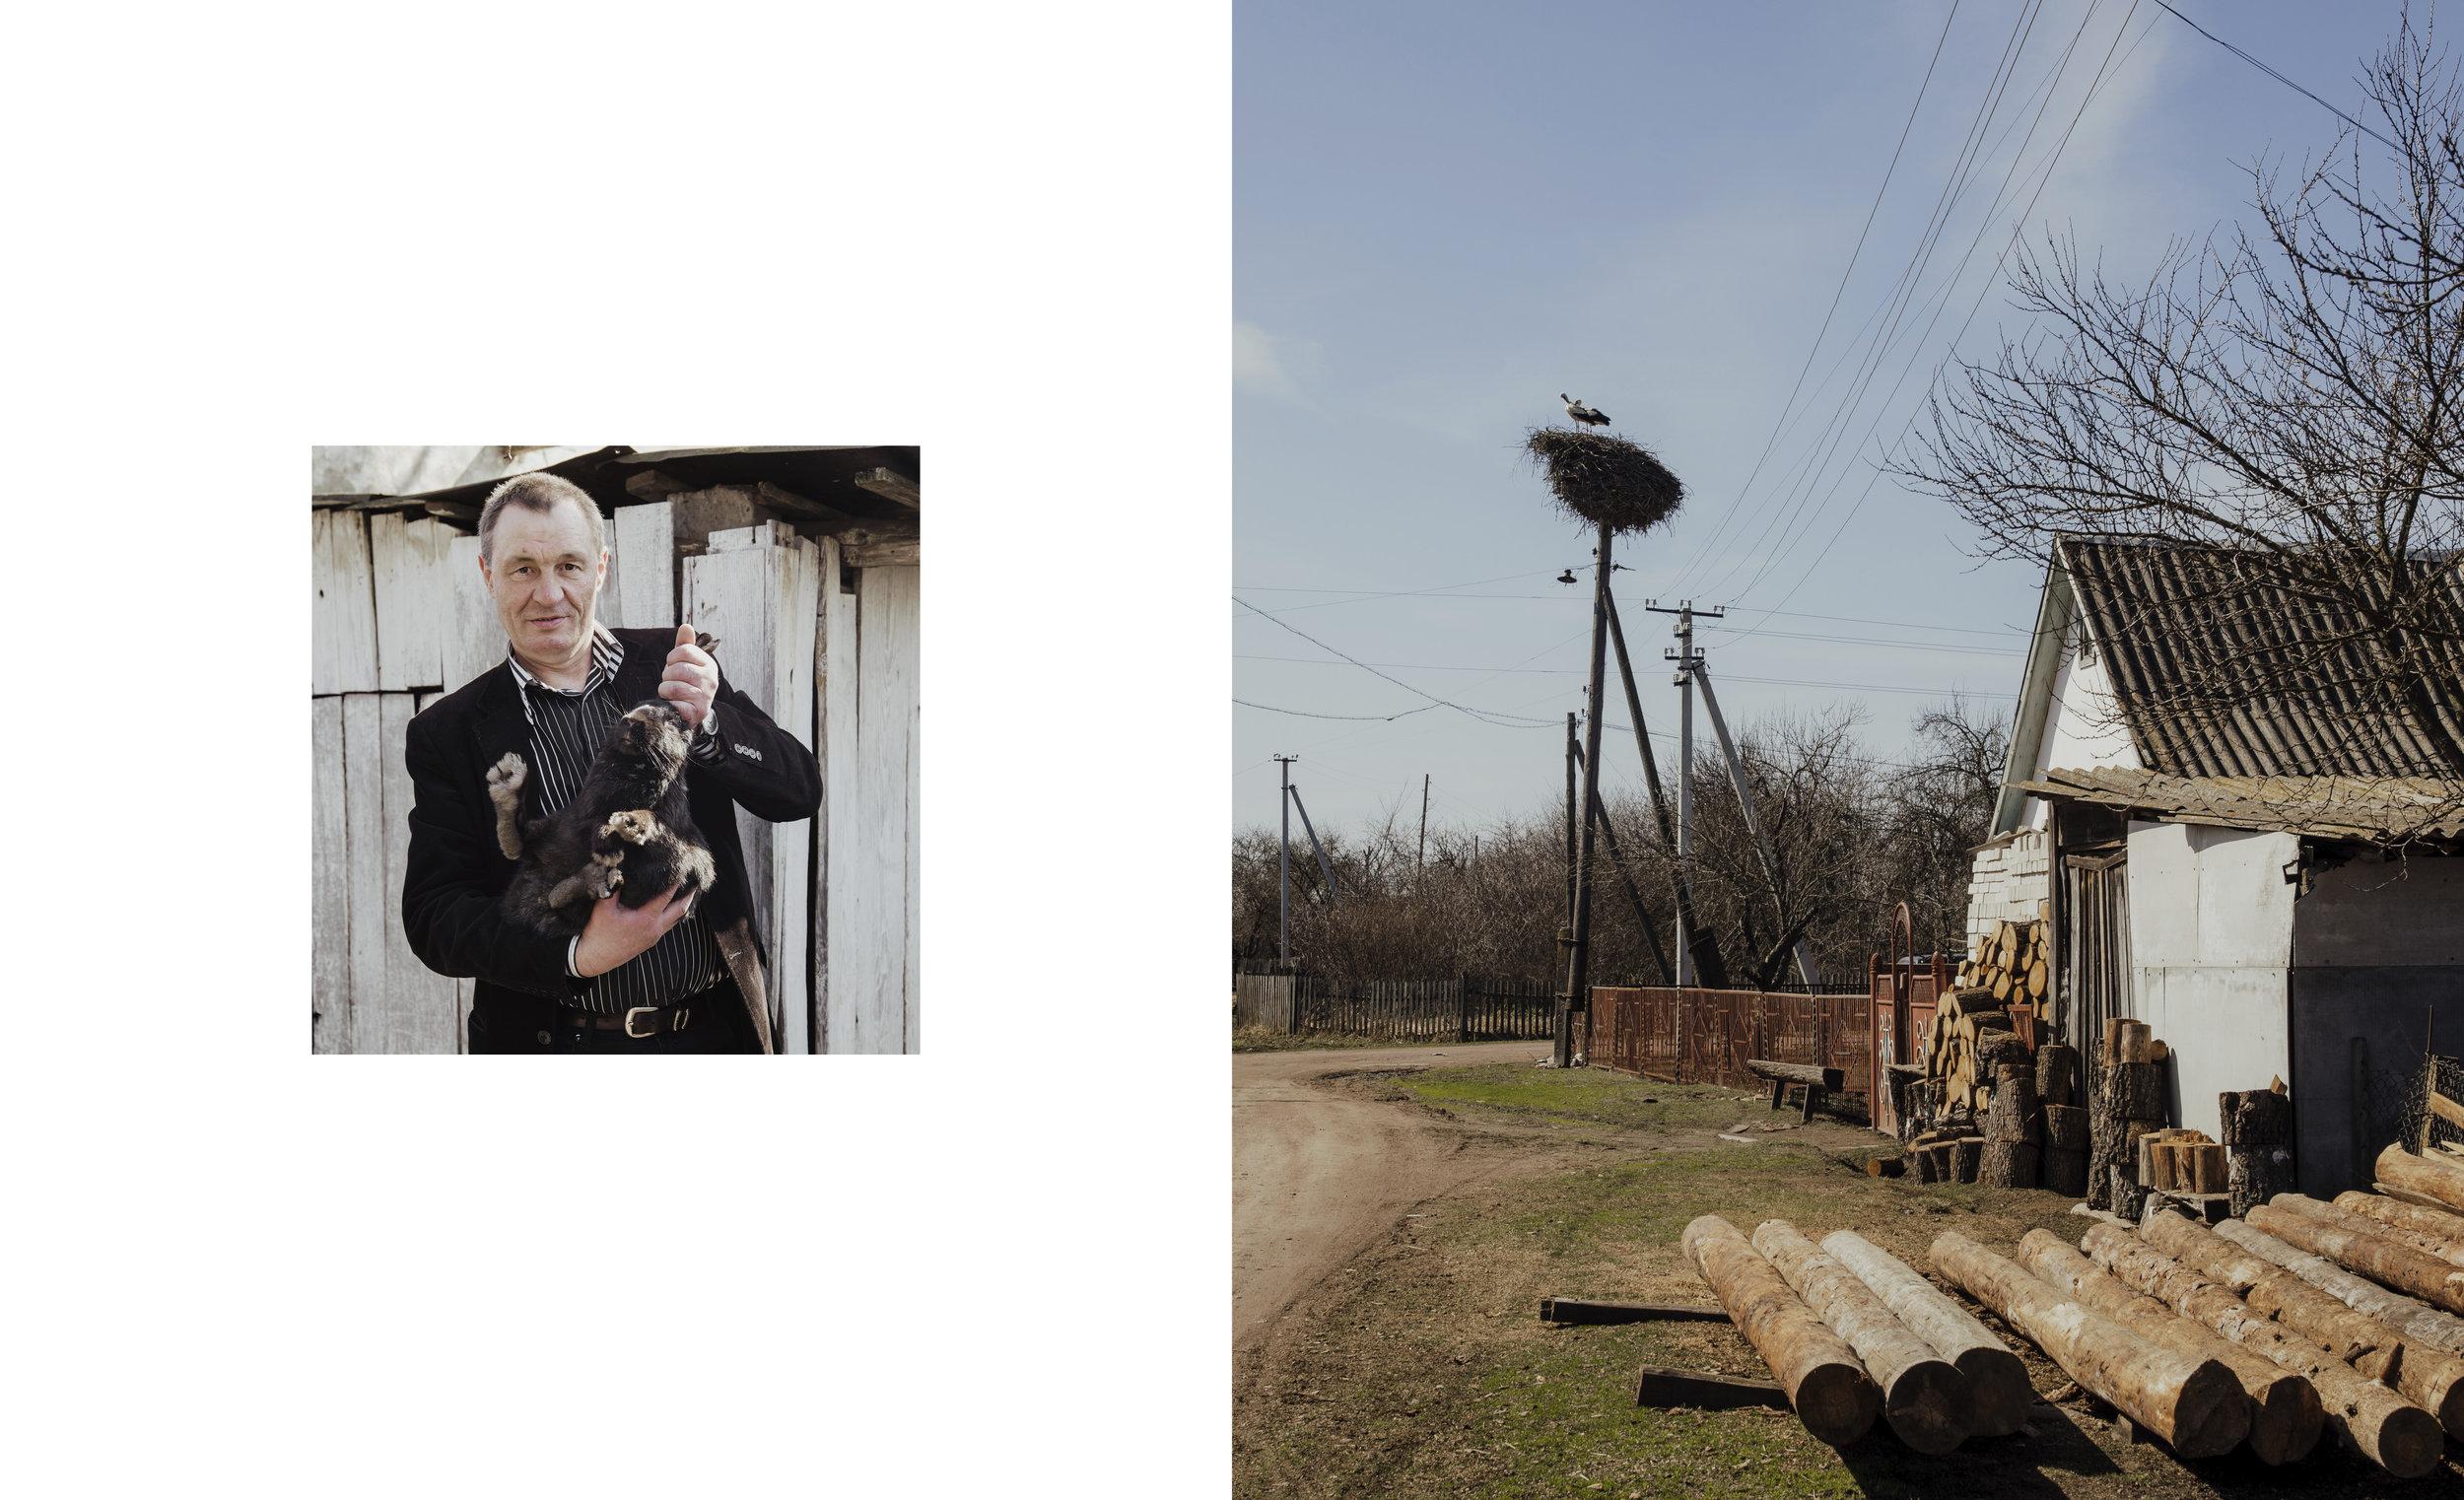 Korosten, Ukraina (spreads)4.jpg